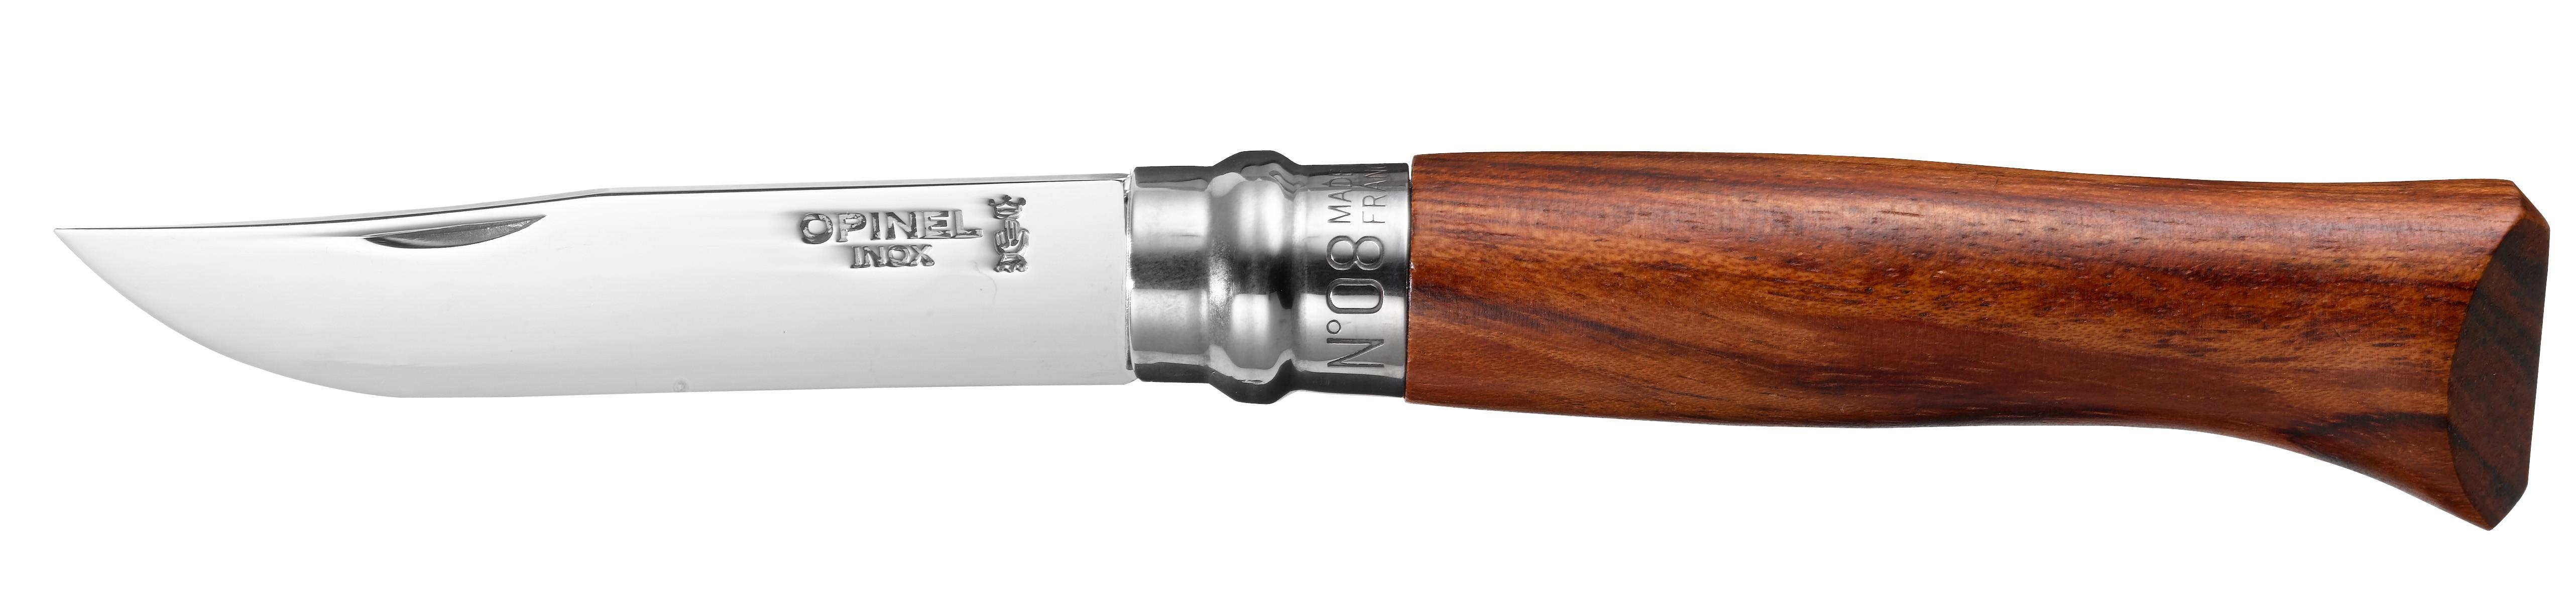 Opinel VR N°08 Inox Bubinga, 8,5 cm